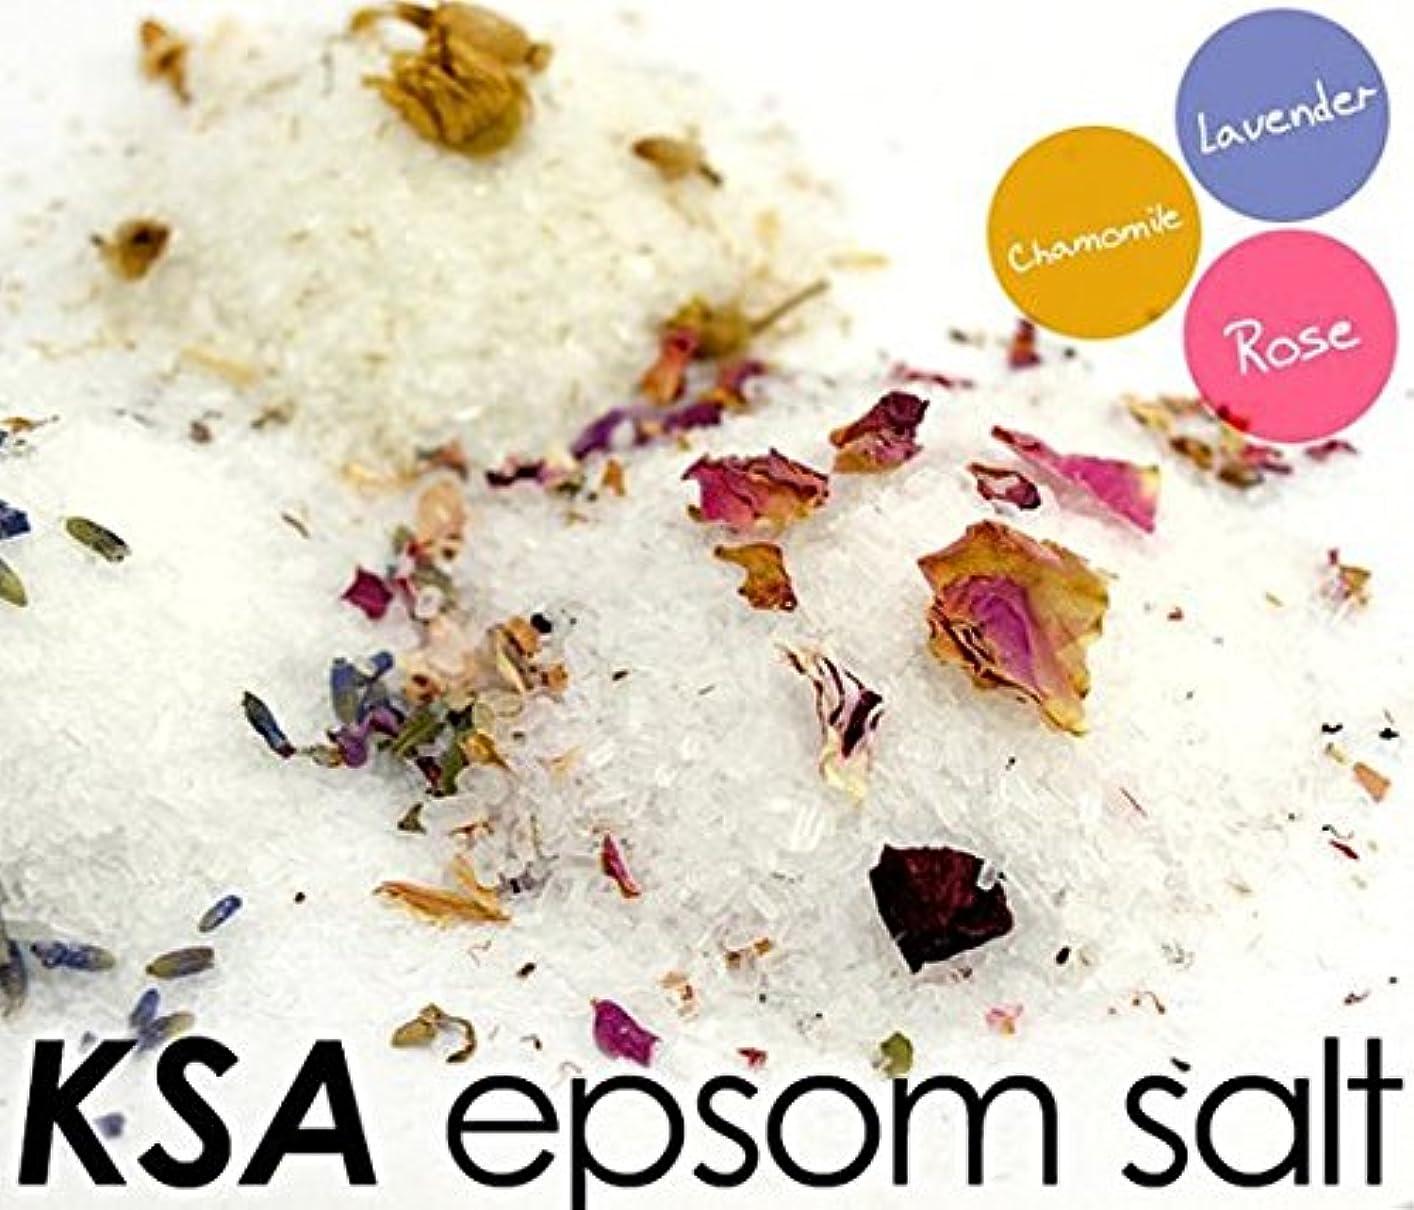 マーケティングかなりの注目すべきnobrand エプソムソルト KSA Epsom Salt ハーブ入り 300g 全3種 ローズ?カモミール?ラベンダー 入浴用ソルト/マグネシウム/ミネラル 入浴剤(ksaepsom) ラベンダー